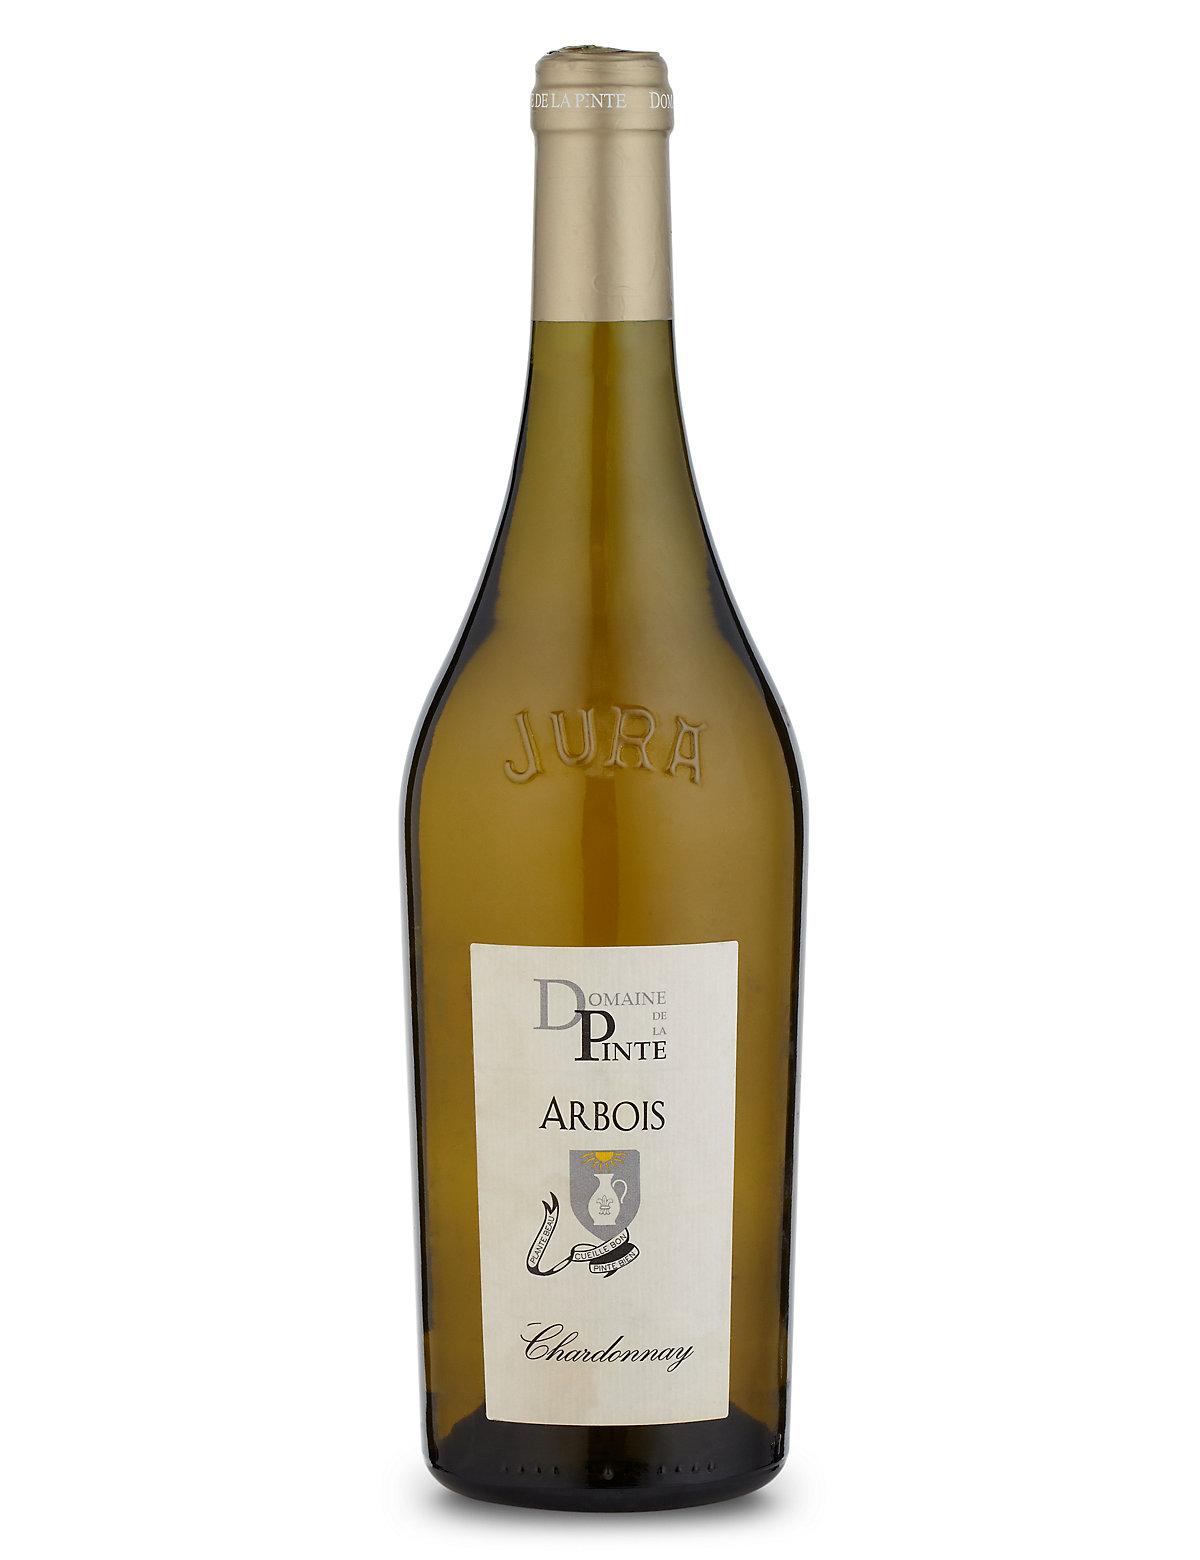 Domaine de la Pinte Arbois Chardonnay - Case of 6